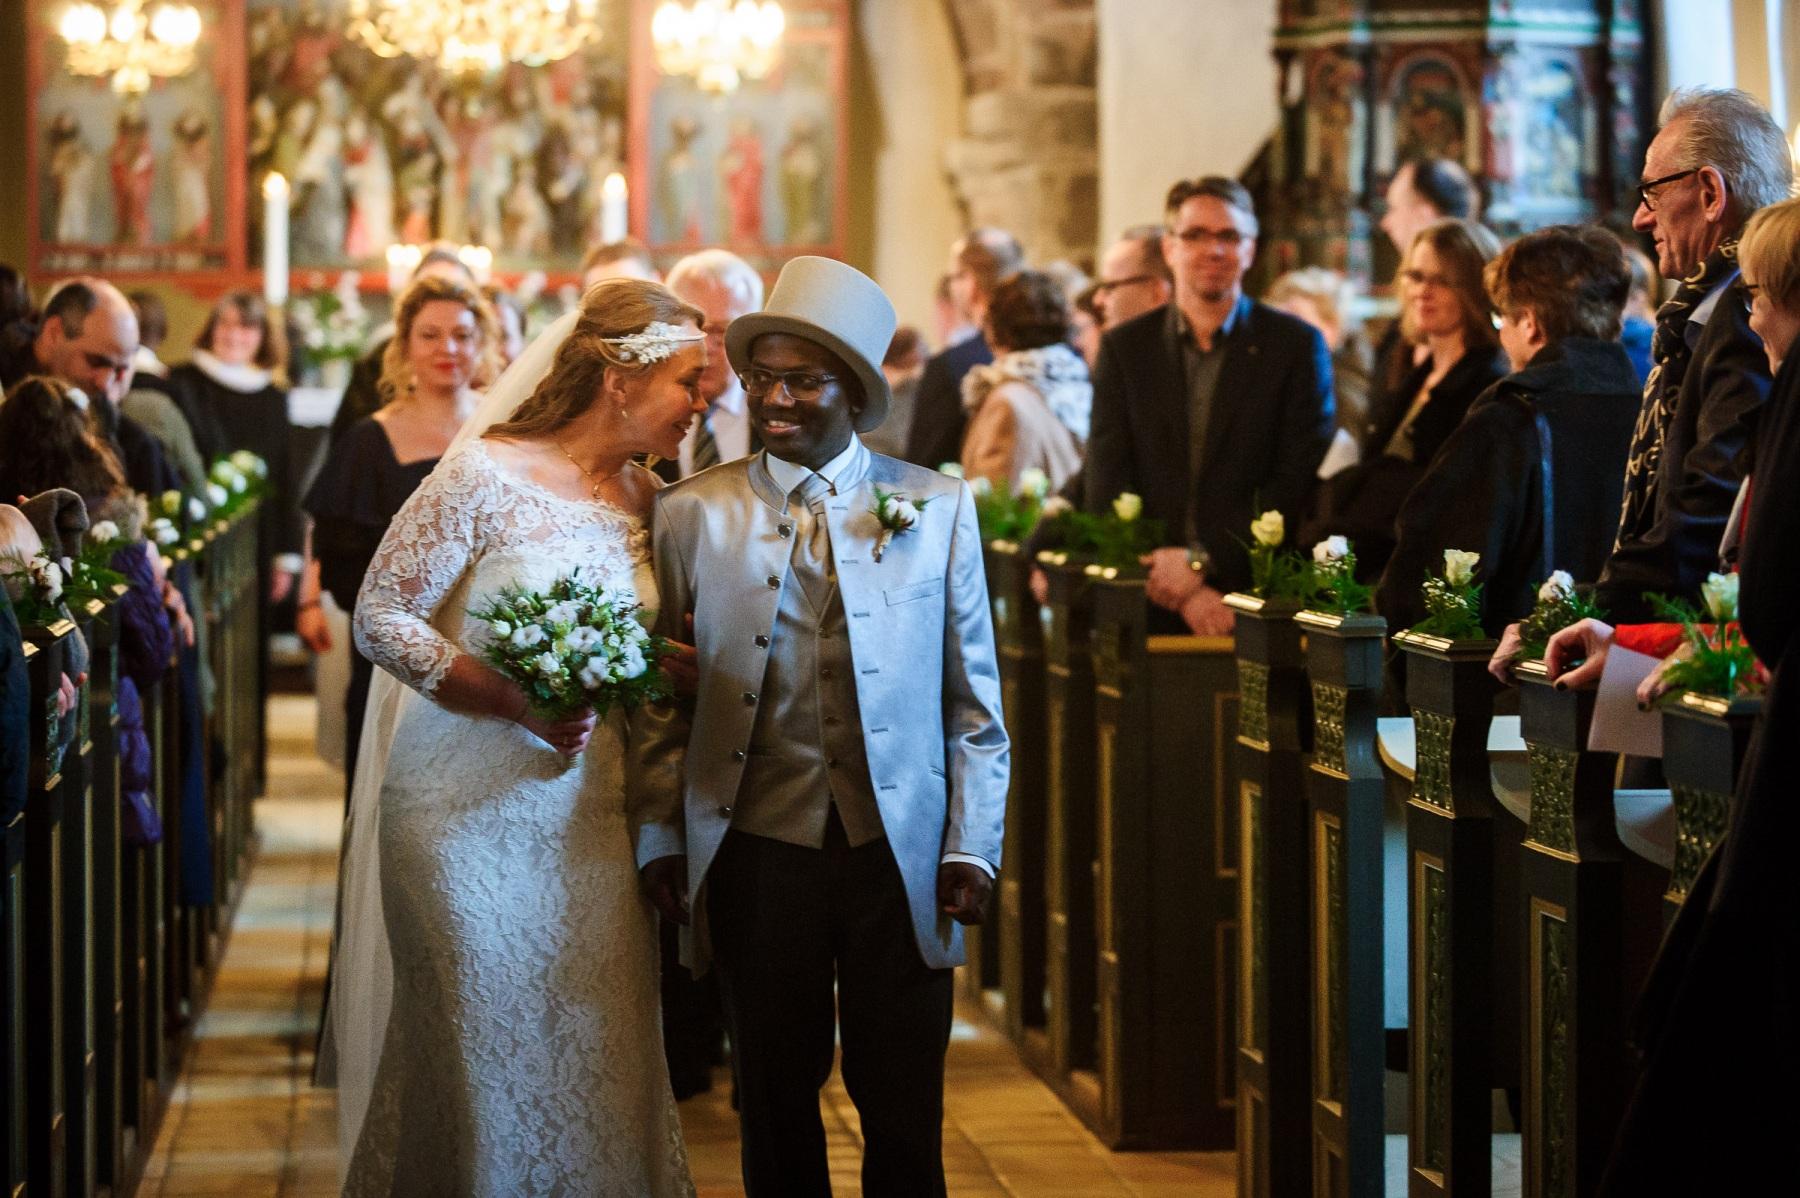 Billede af brudepar på vej ud af kirke